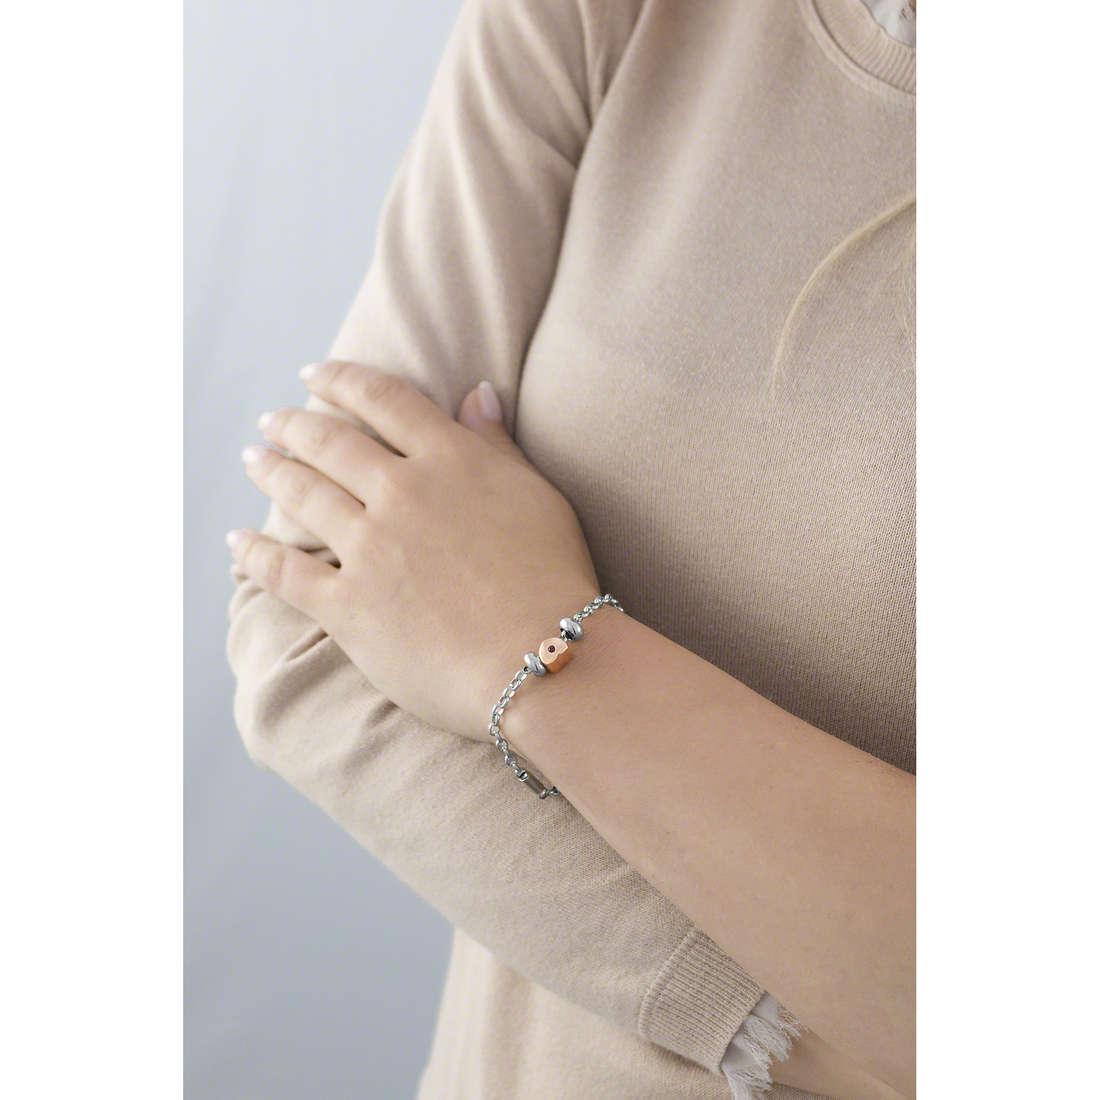 Morellato bracciali Drops donna SCZ447 indosso